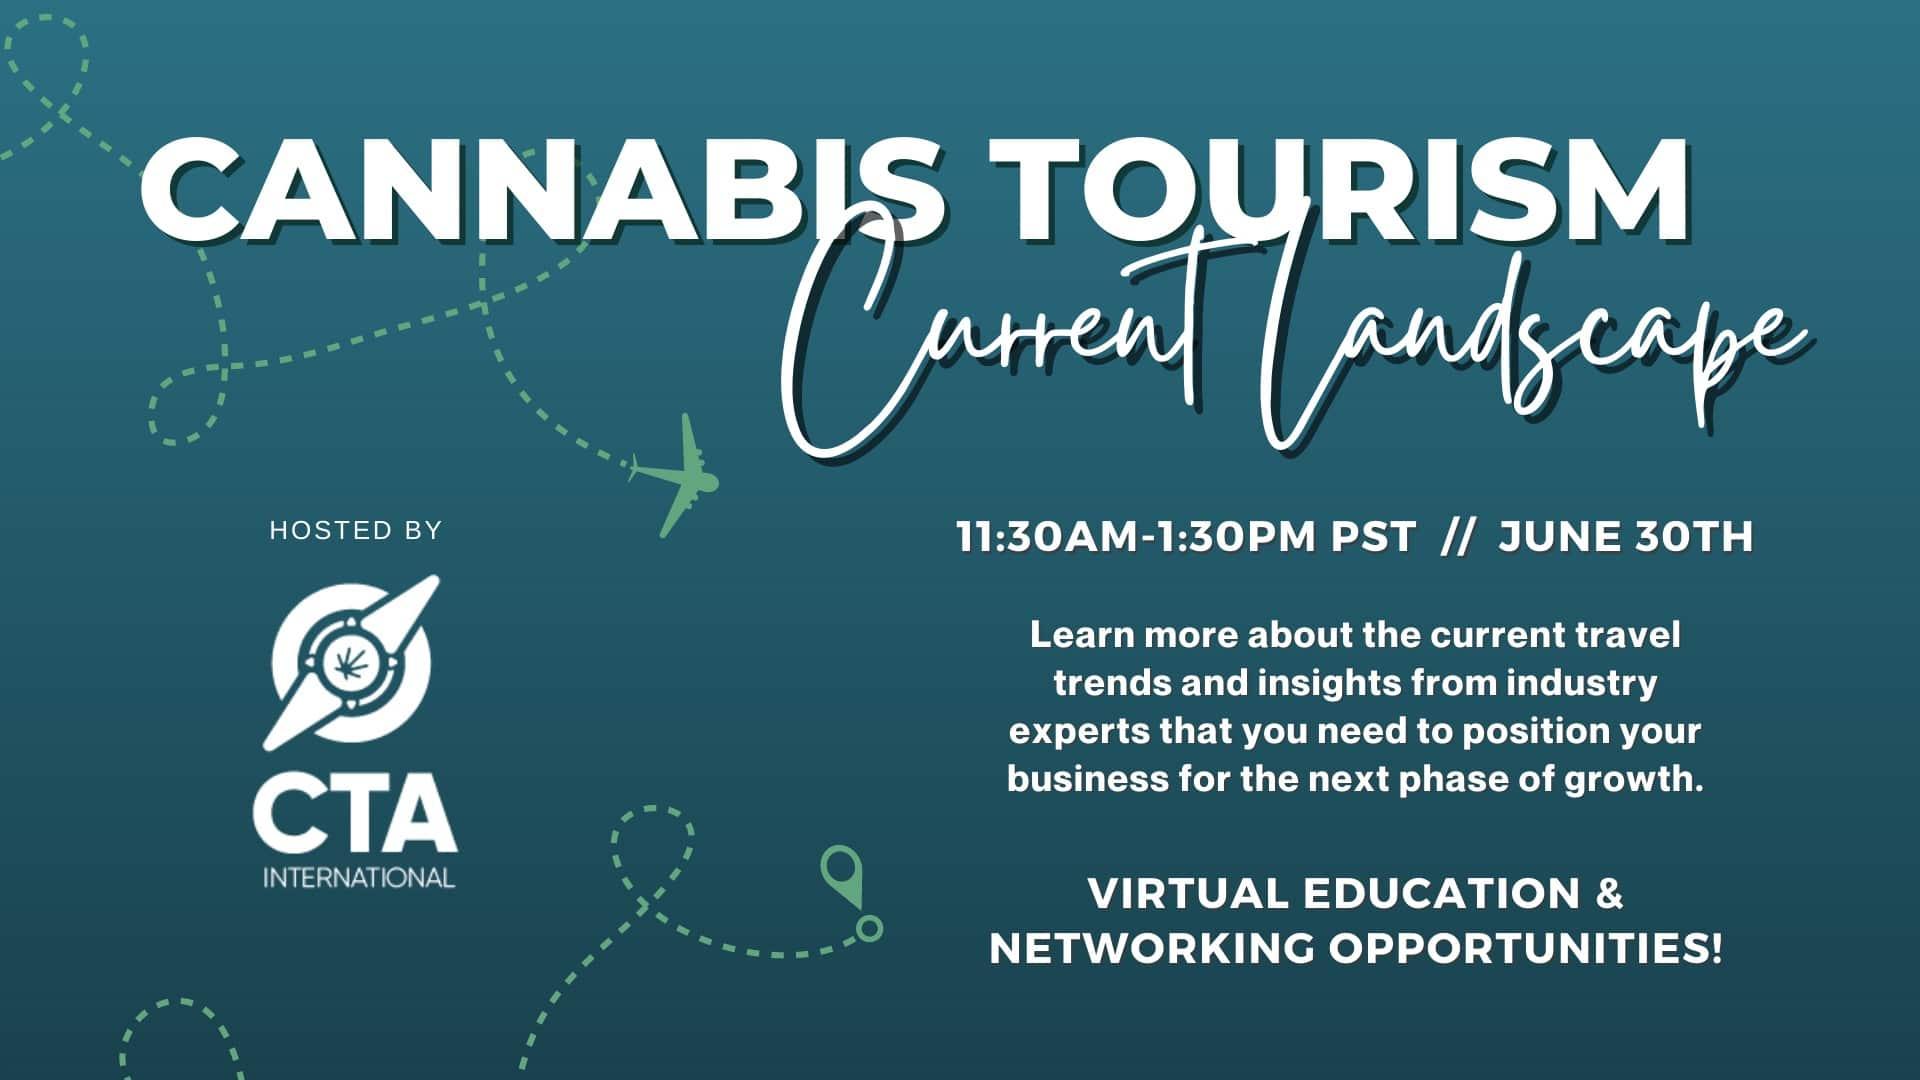 Cannabis Tourism Current Landscape